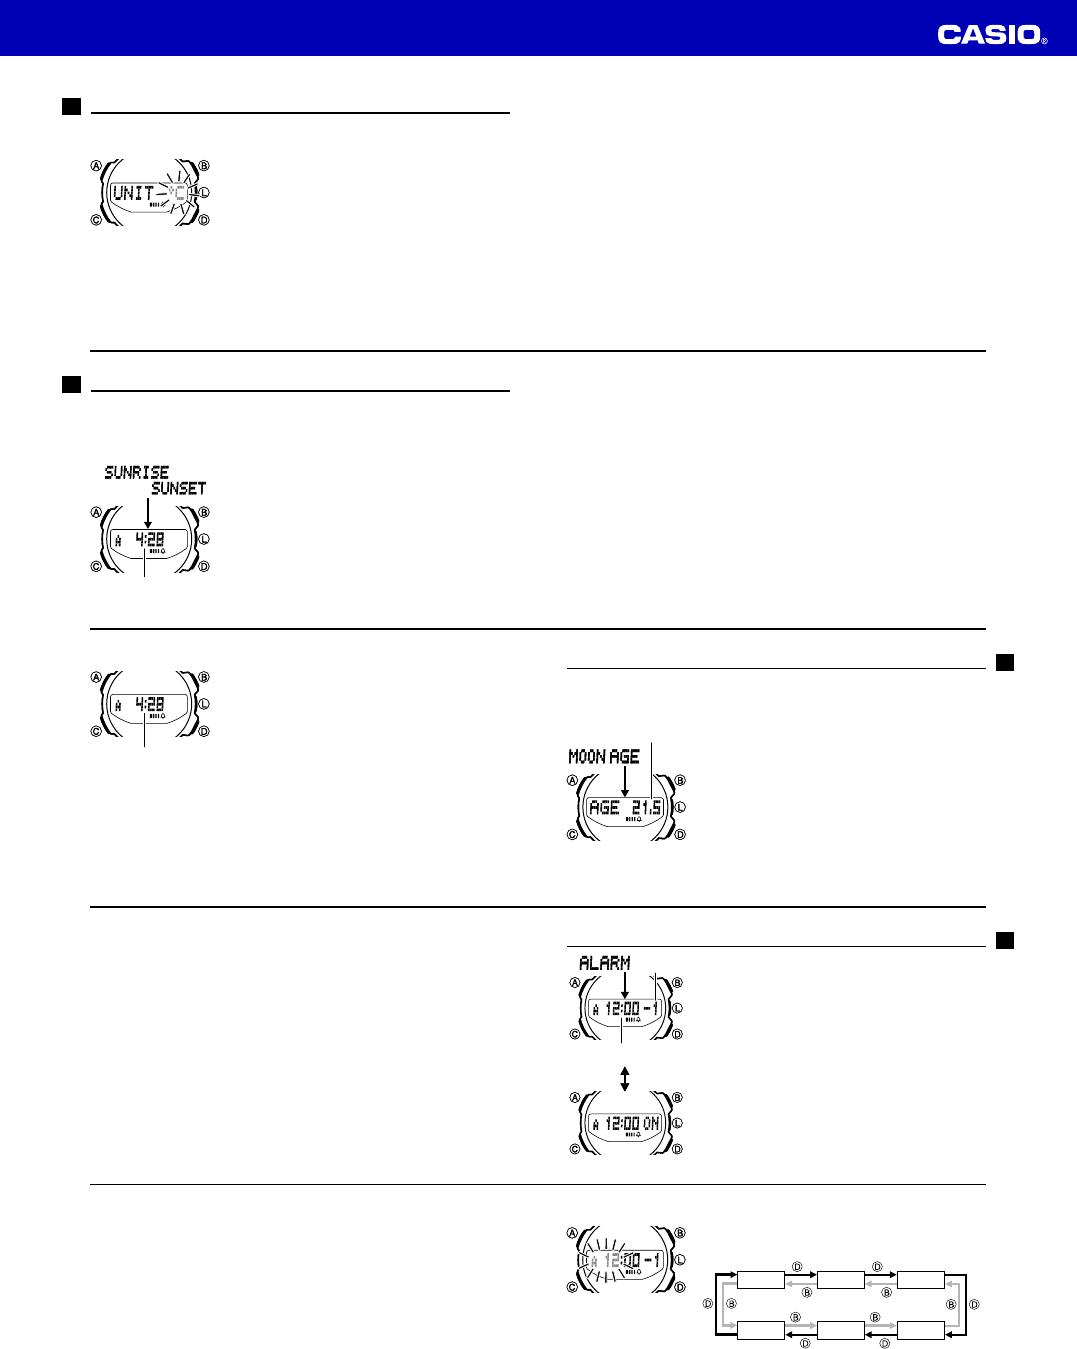 Casio 5269 Uhren Handbücher, Guides von Benutzern und andere